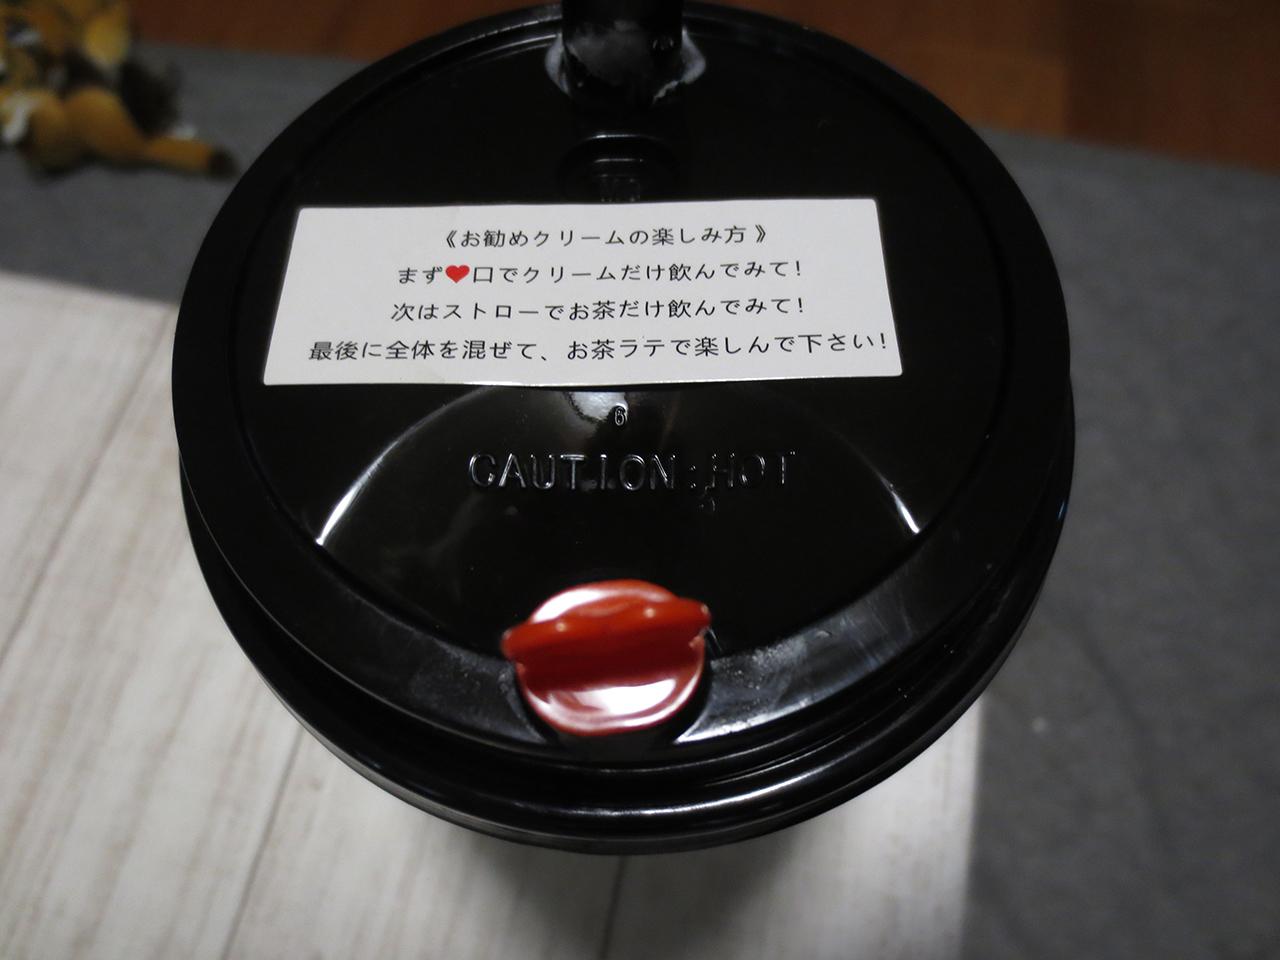 一茶 One Teaの投稿写真5